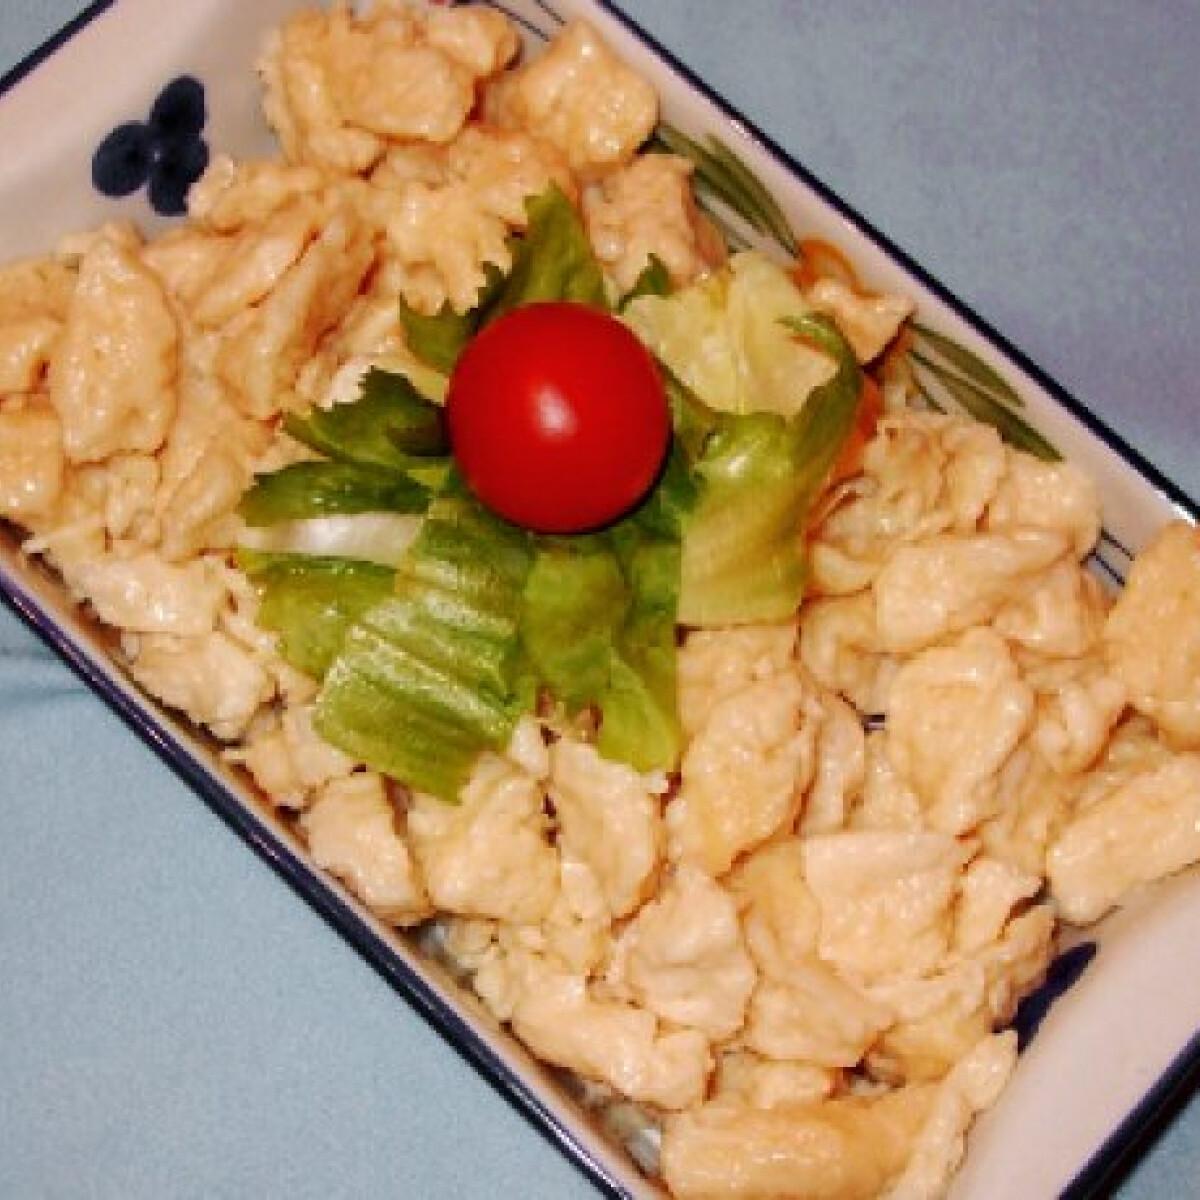 Ezen a képen: Galuska Ágicámdrágám konyhájából